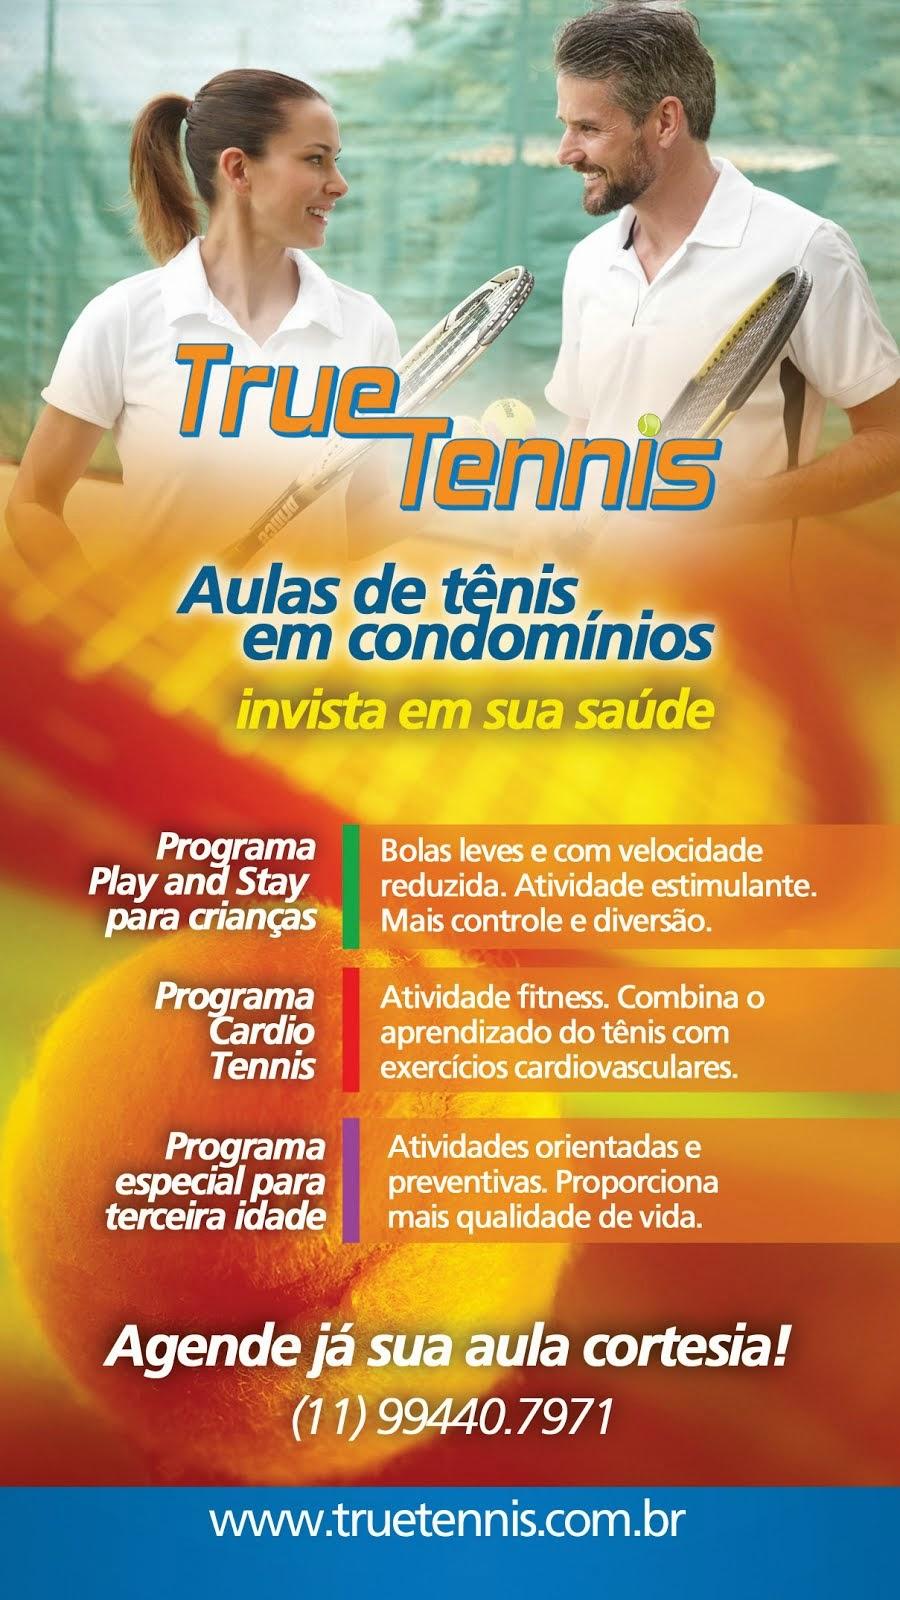 Promovendo a pratica do tênis.